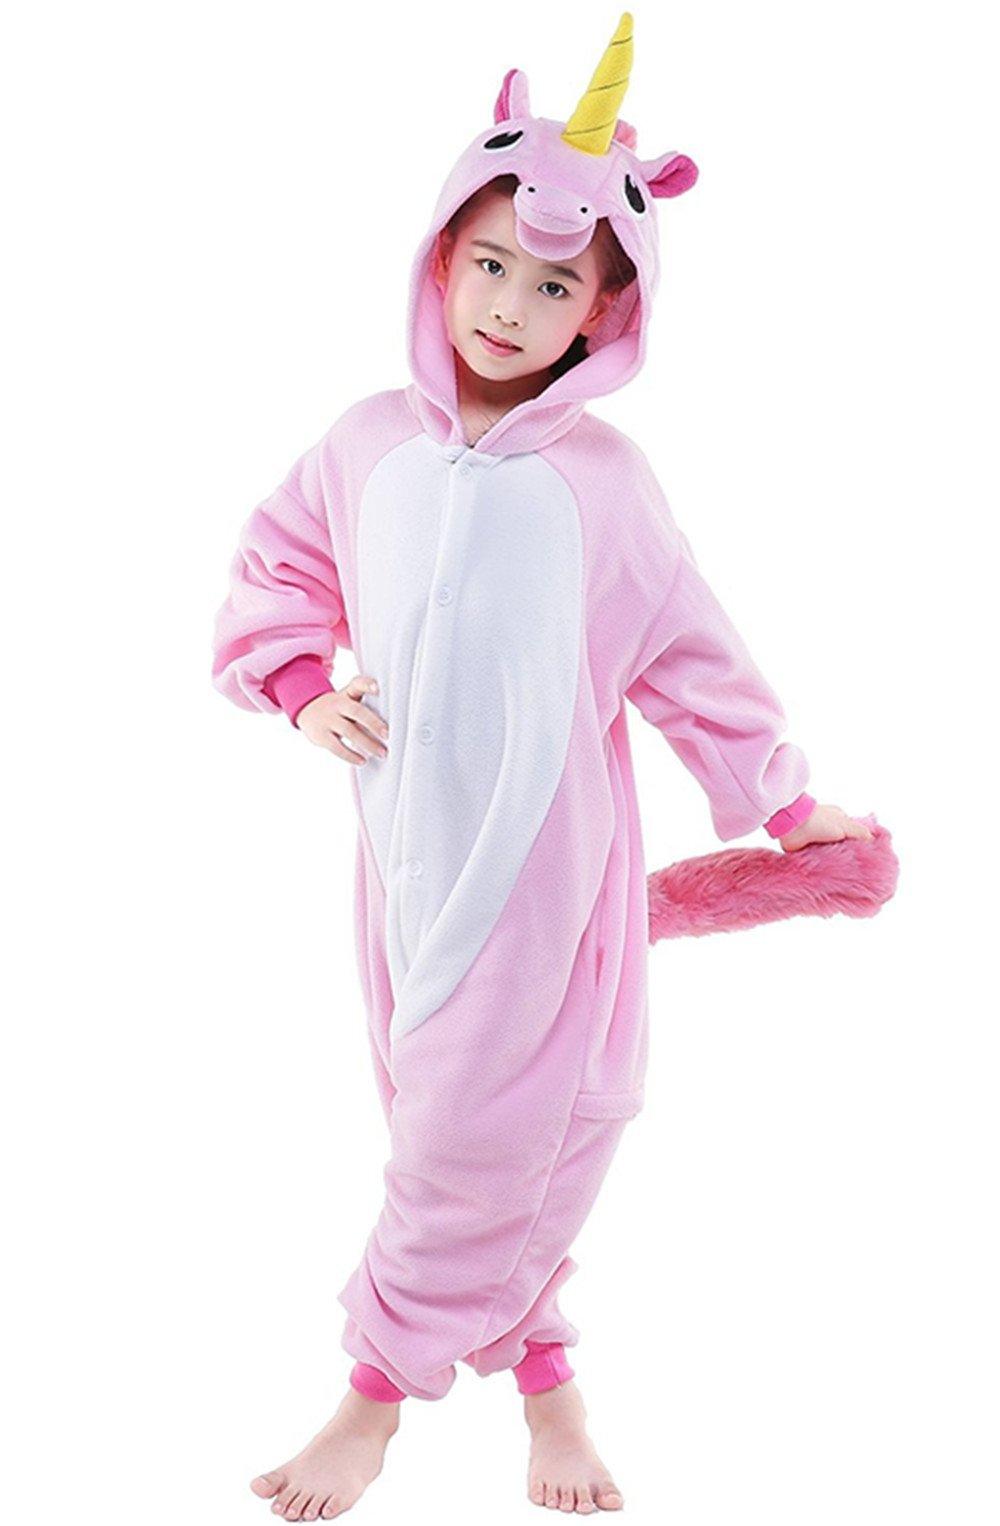 00820f0d91075 Kenmont Enfants Adulte Unisexe Animal Costume Cosplay Combinaison Licorne  Pyjama Nuit Vêtements Soirée de Déguisement